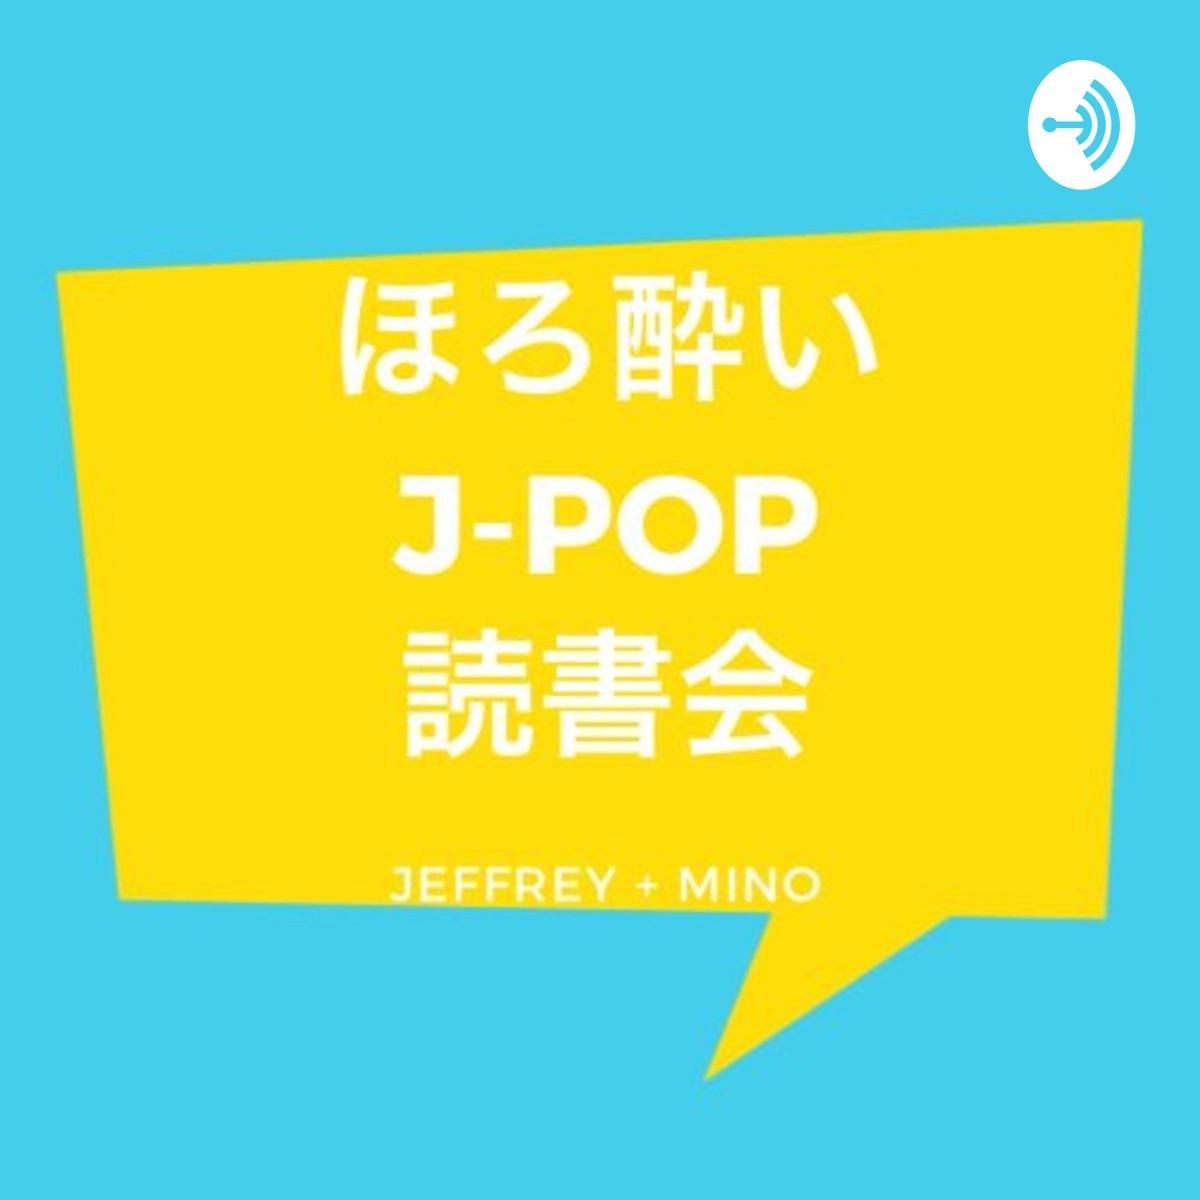 ほろよい J-POP読書会